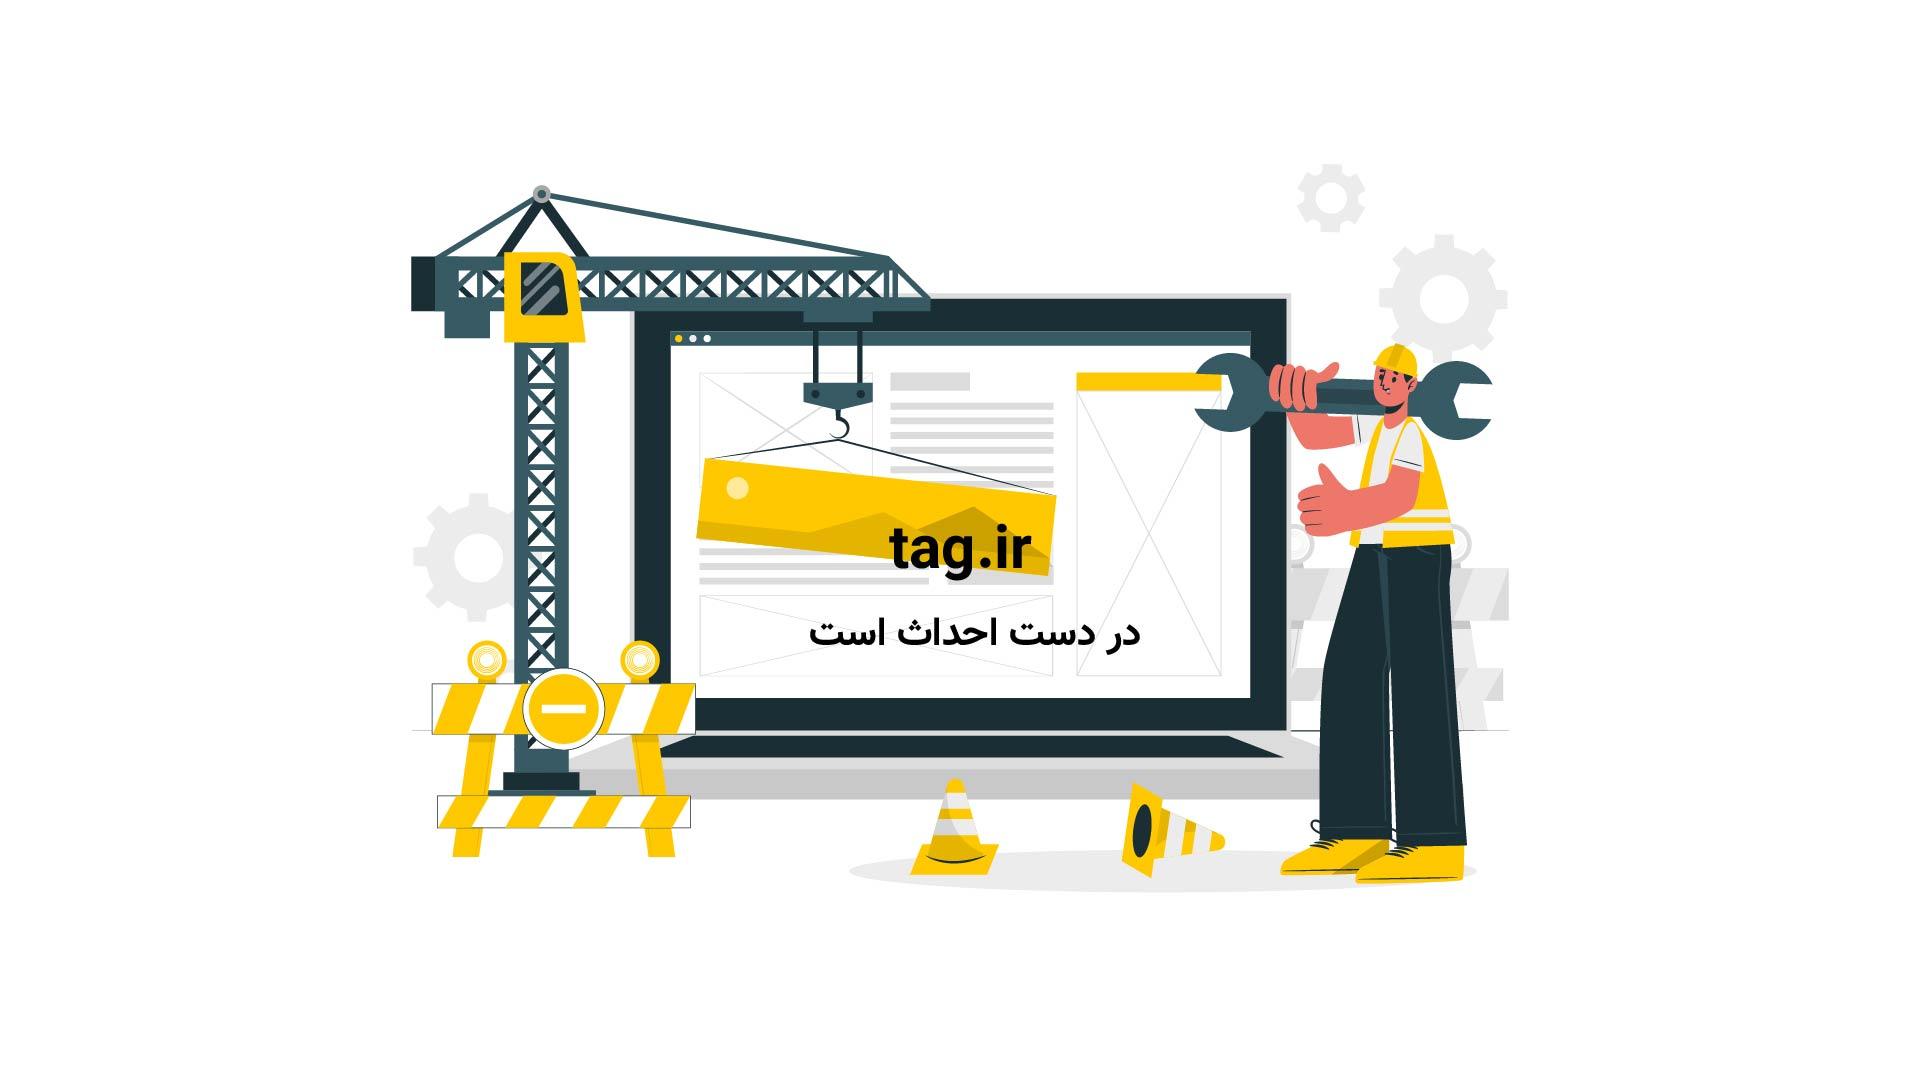 مریخ نوردی | تگ